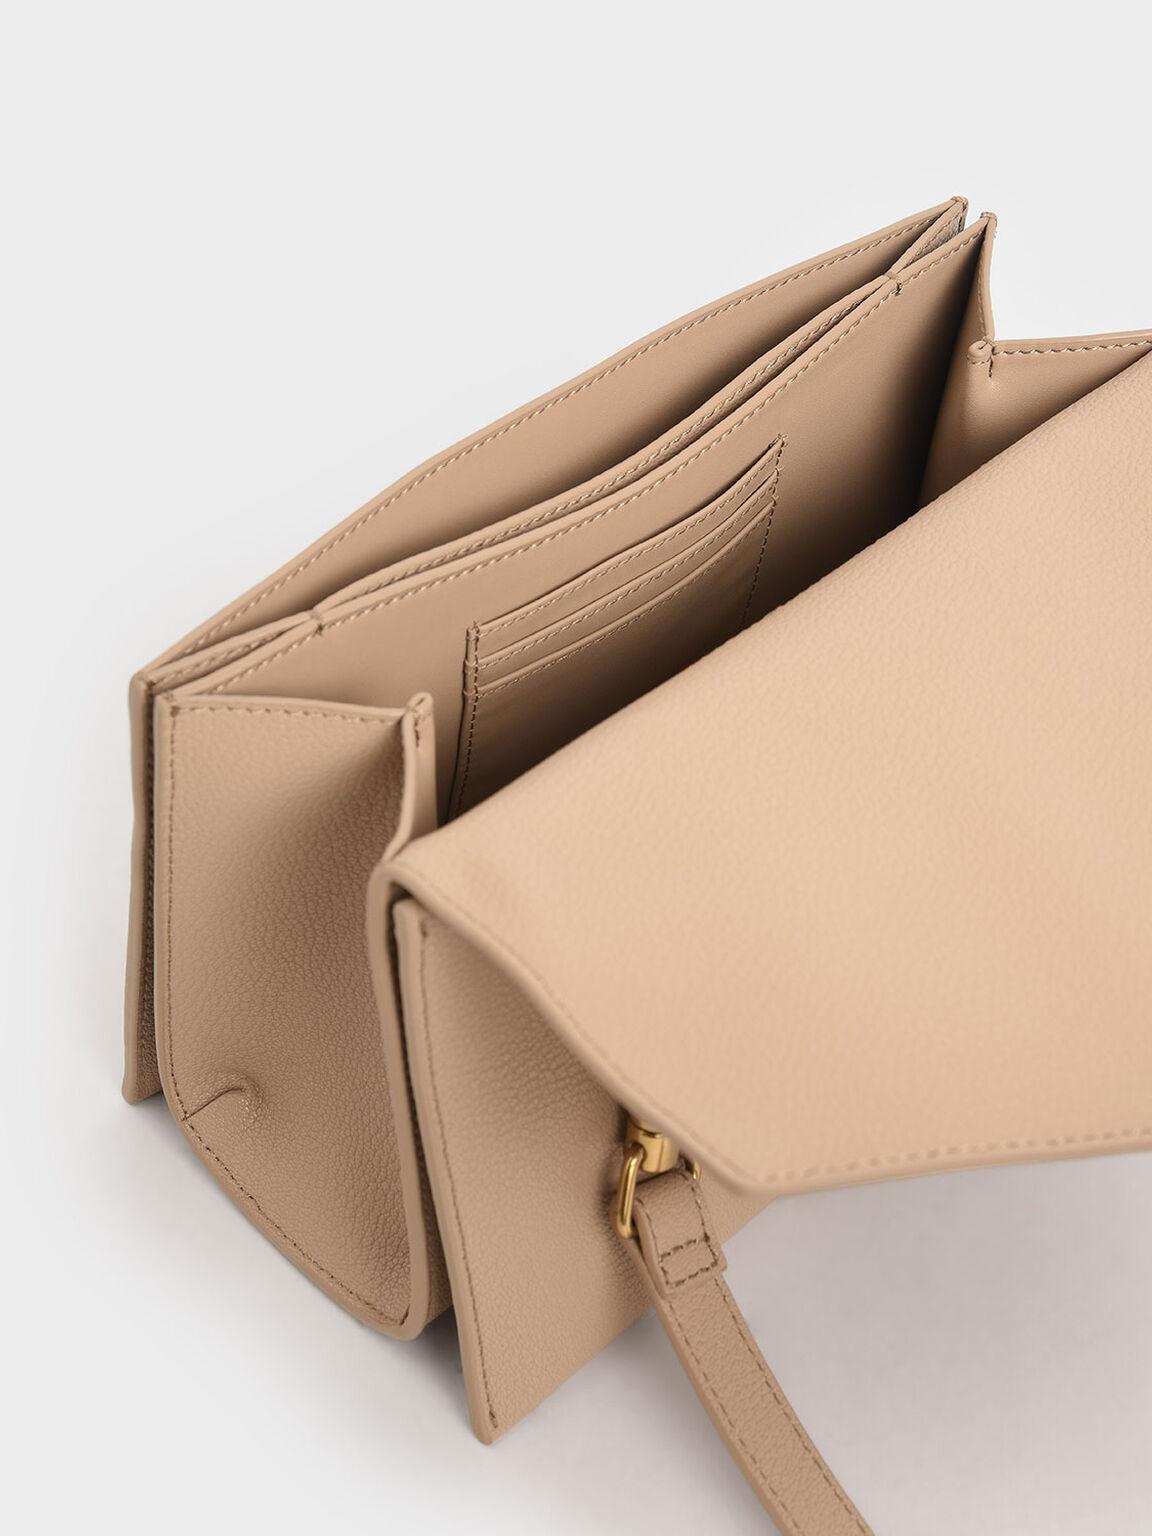 Turn-Lock Top Handle Bag, Beige, hi-res